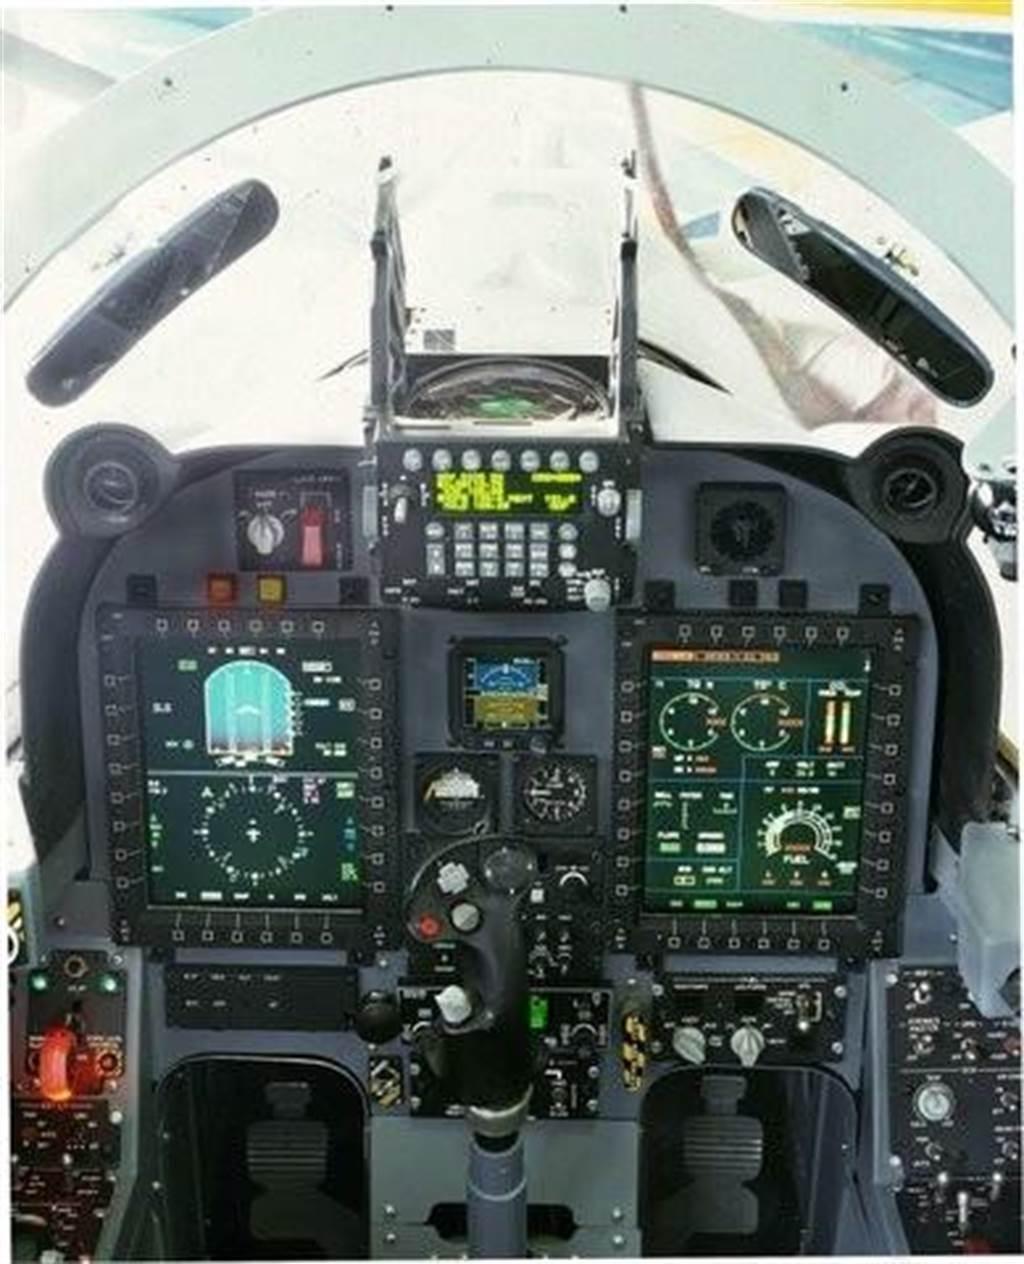 F-5E在座艙升級後的樣子,有抬頭顯示器,和2具多功能顯示器,使飛行員可以更容易的駕駛。(圖/網路)